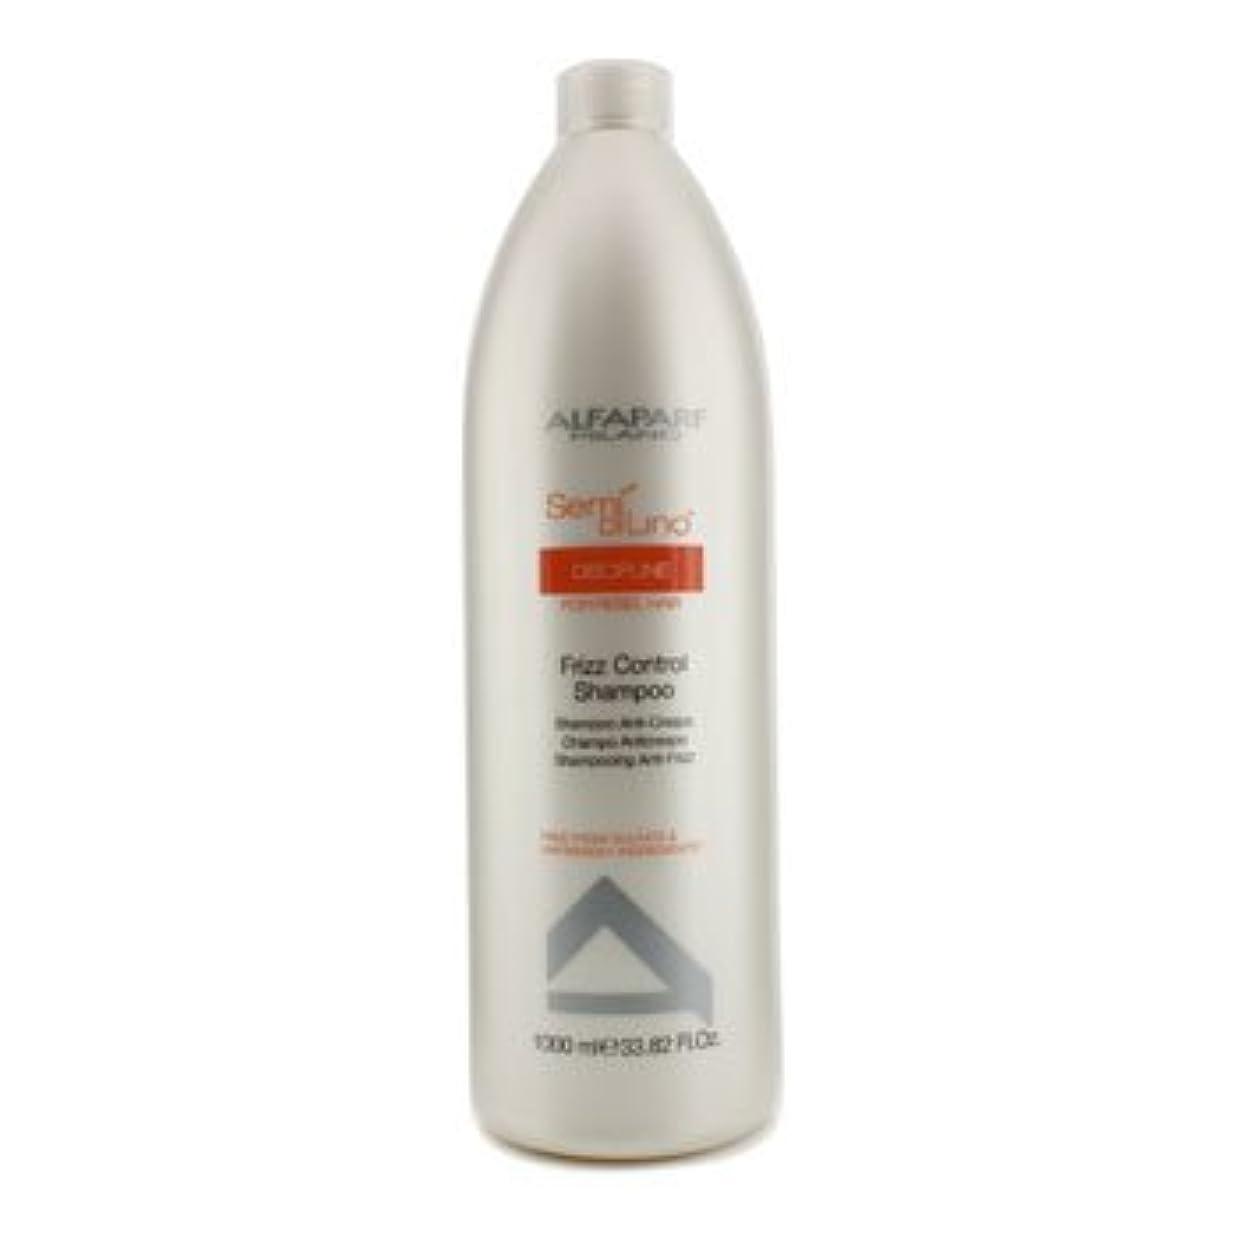 矩形もっともらしい買い物に行く[AlfaParf] Semi Di Lino Discipline Frizz Control Shampoo (For Rebel Hair) 1000ml/33.82oz